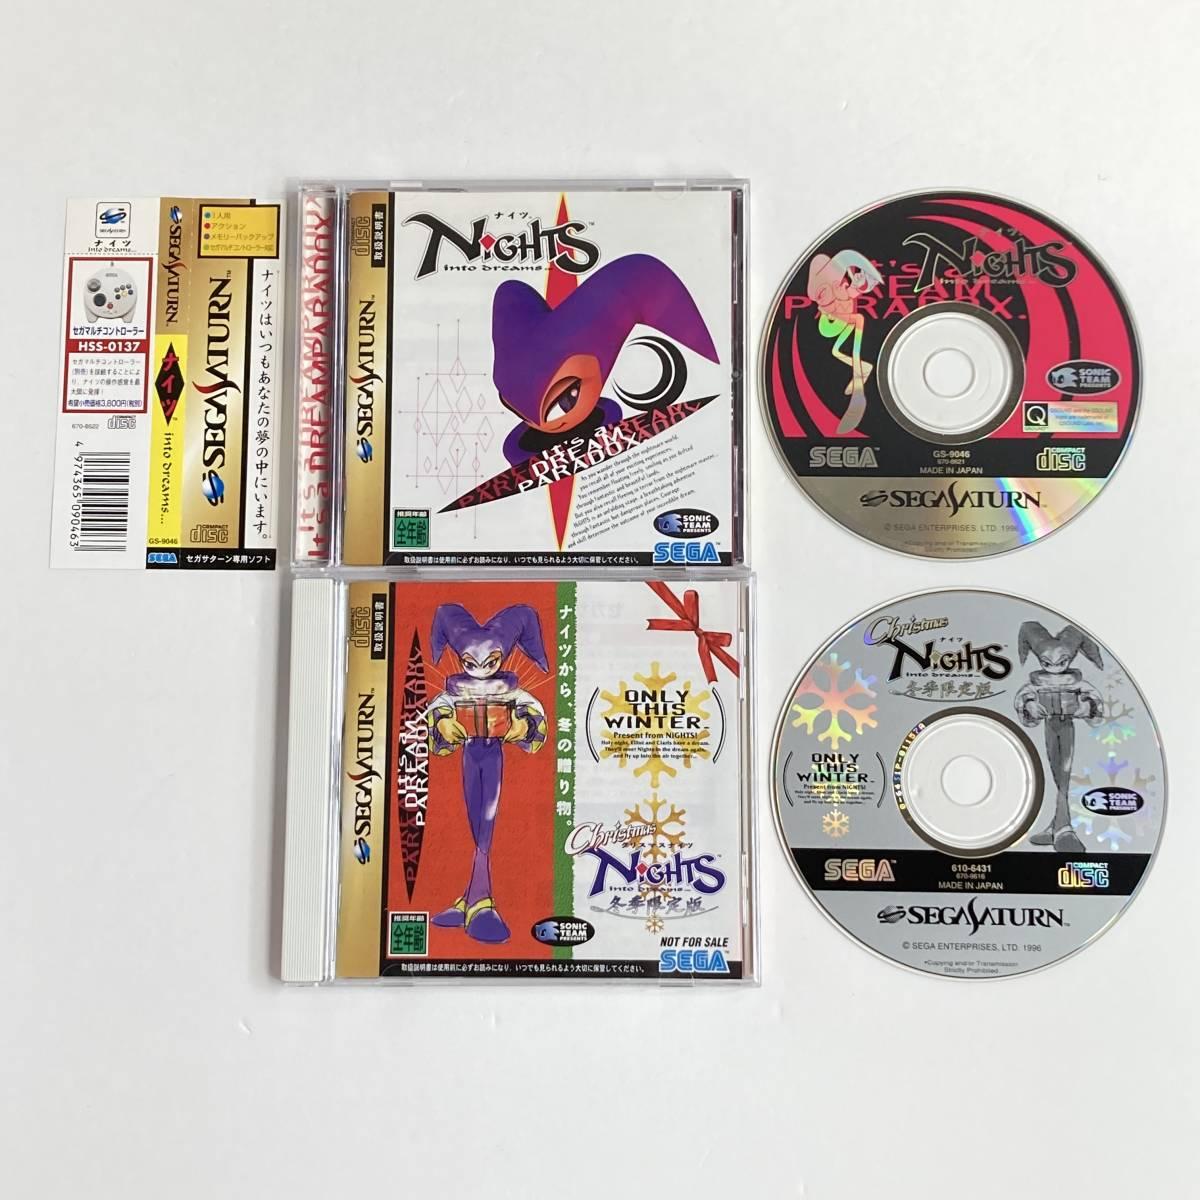 セガサターン用 ナイツ + クリスマスナイツ セット / Lot 2 Nights & Christmas Nights Into Dreams Sega Saturn SS Japan JP Game Spine